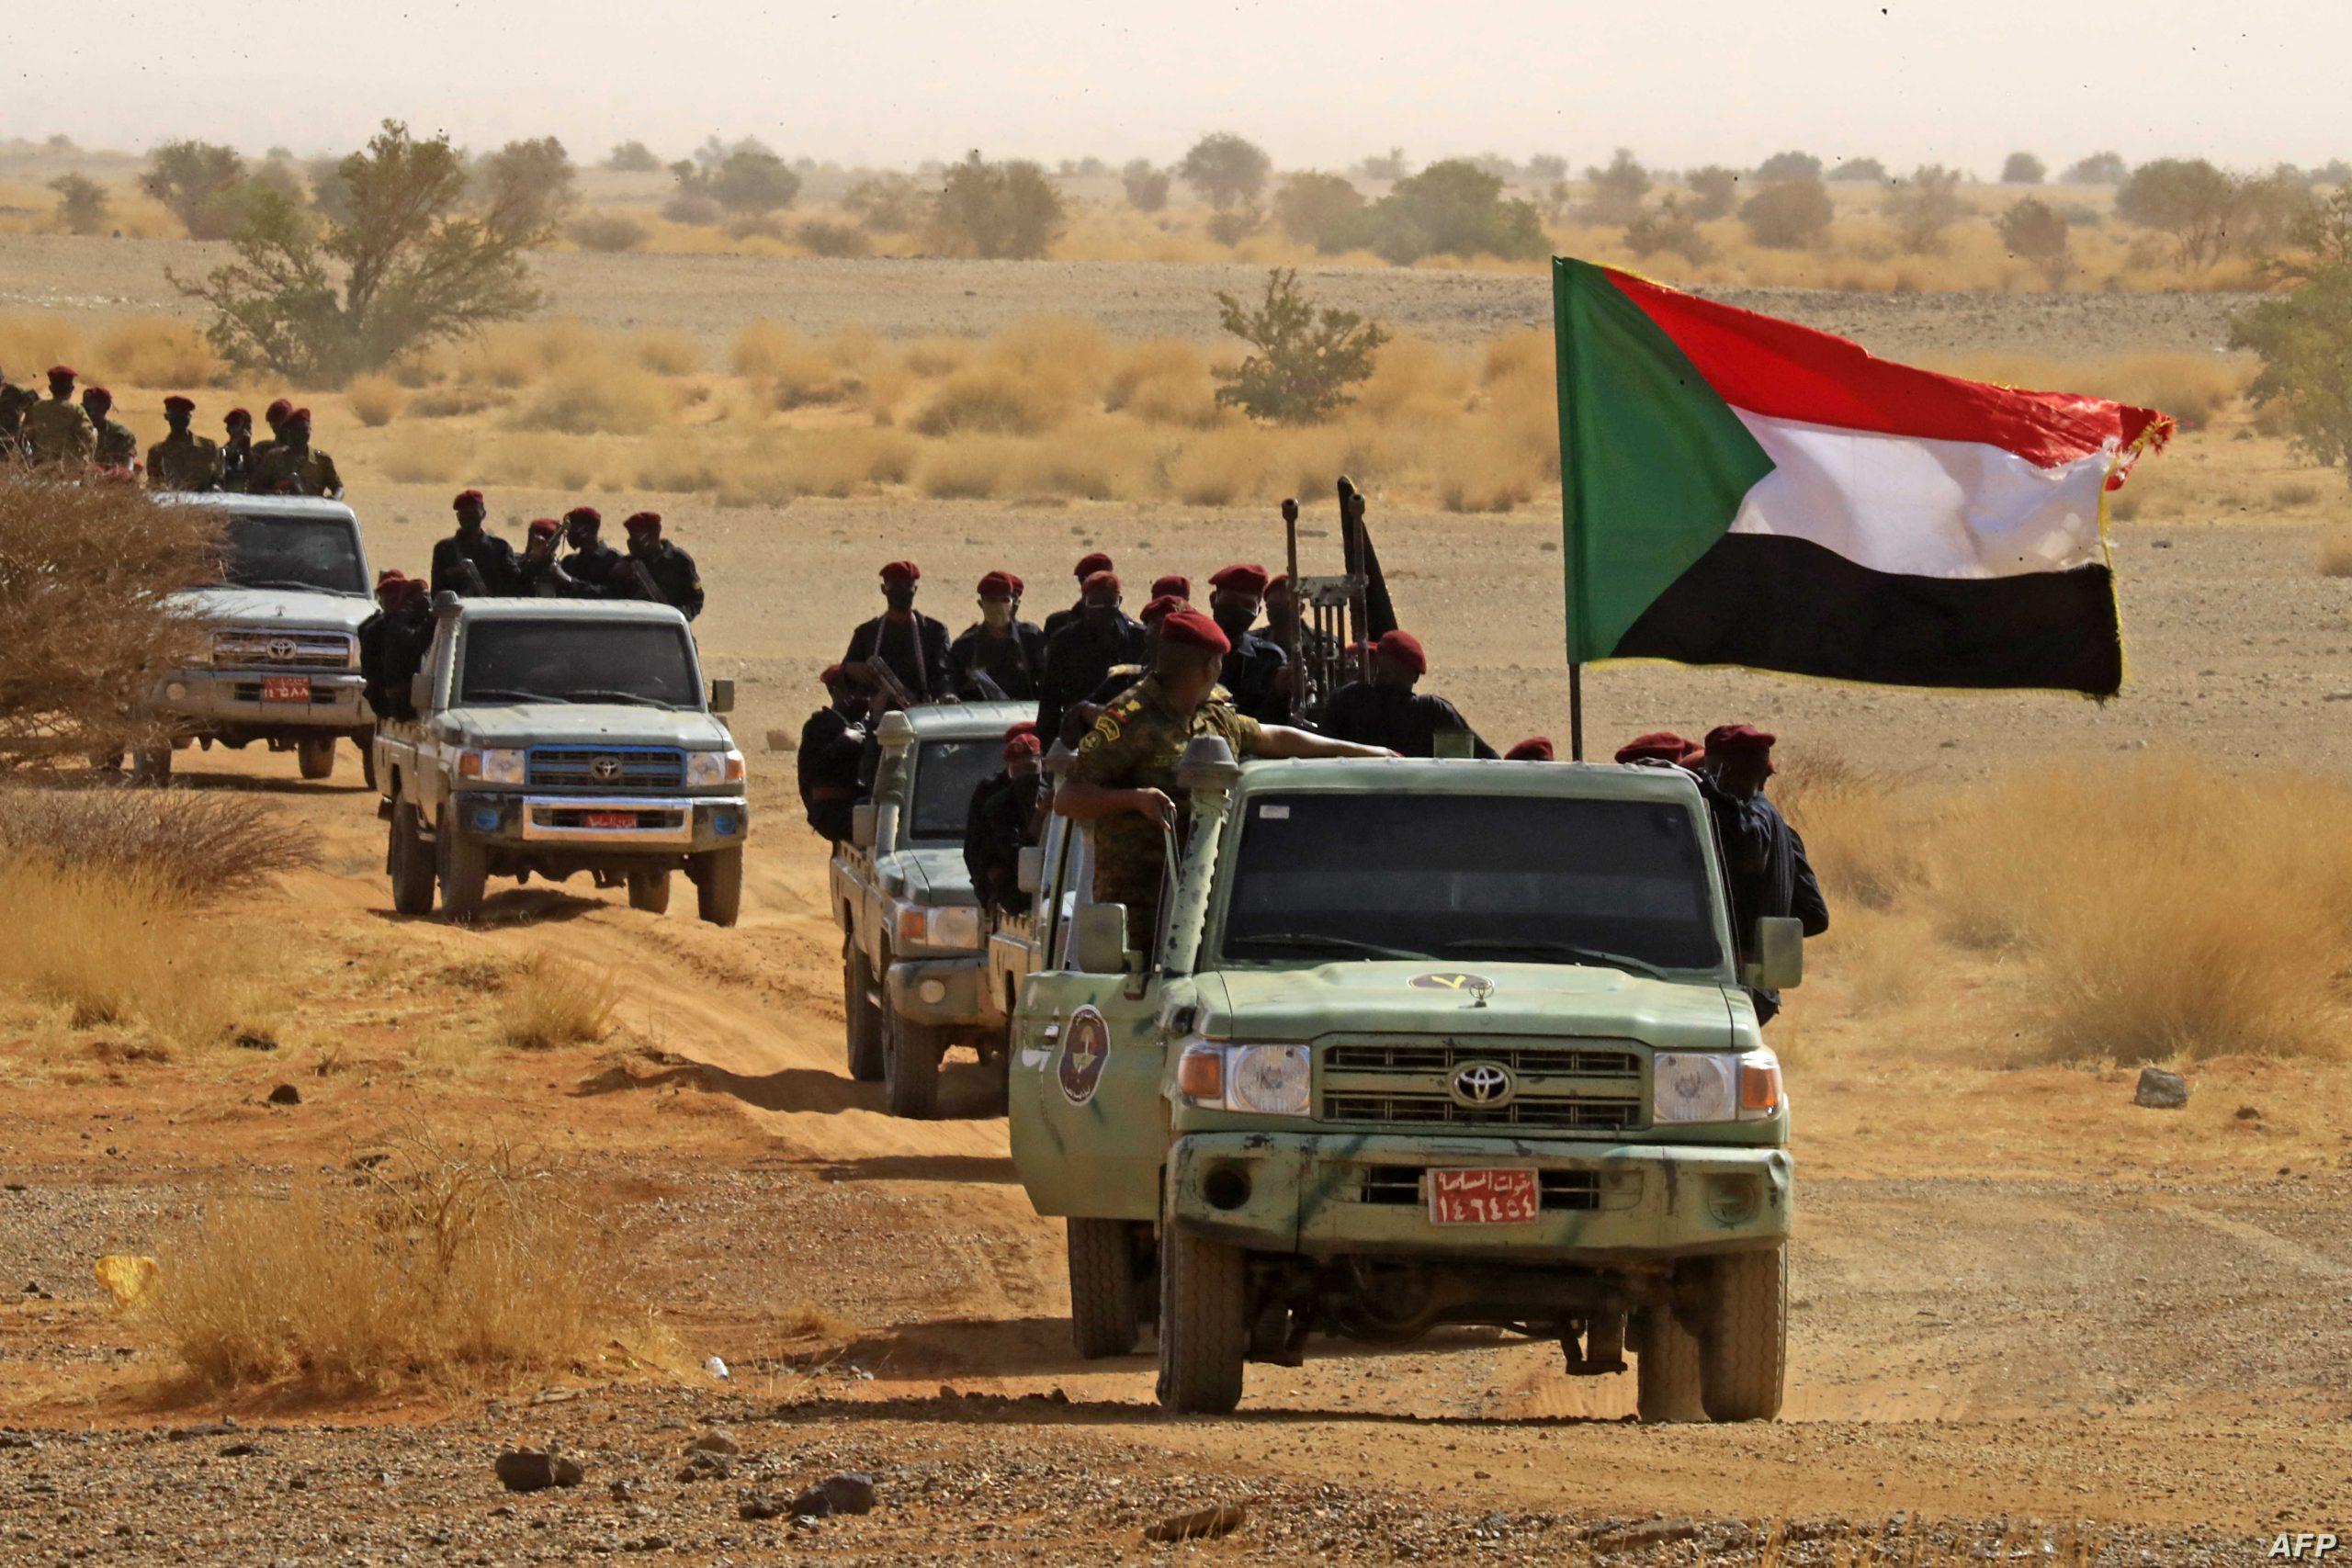 SUDAN-EGYPT-MILITARY-DRILL